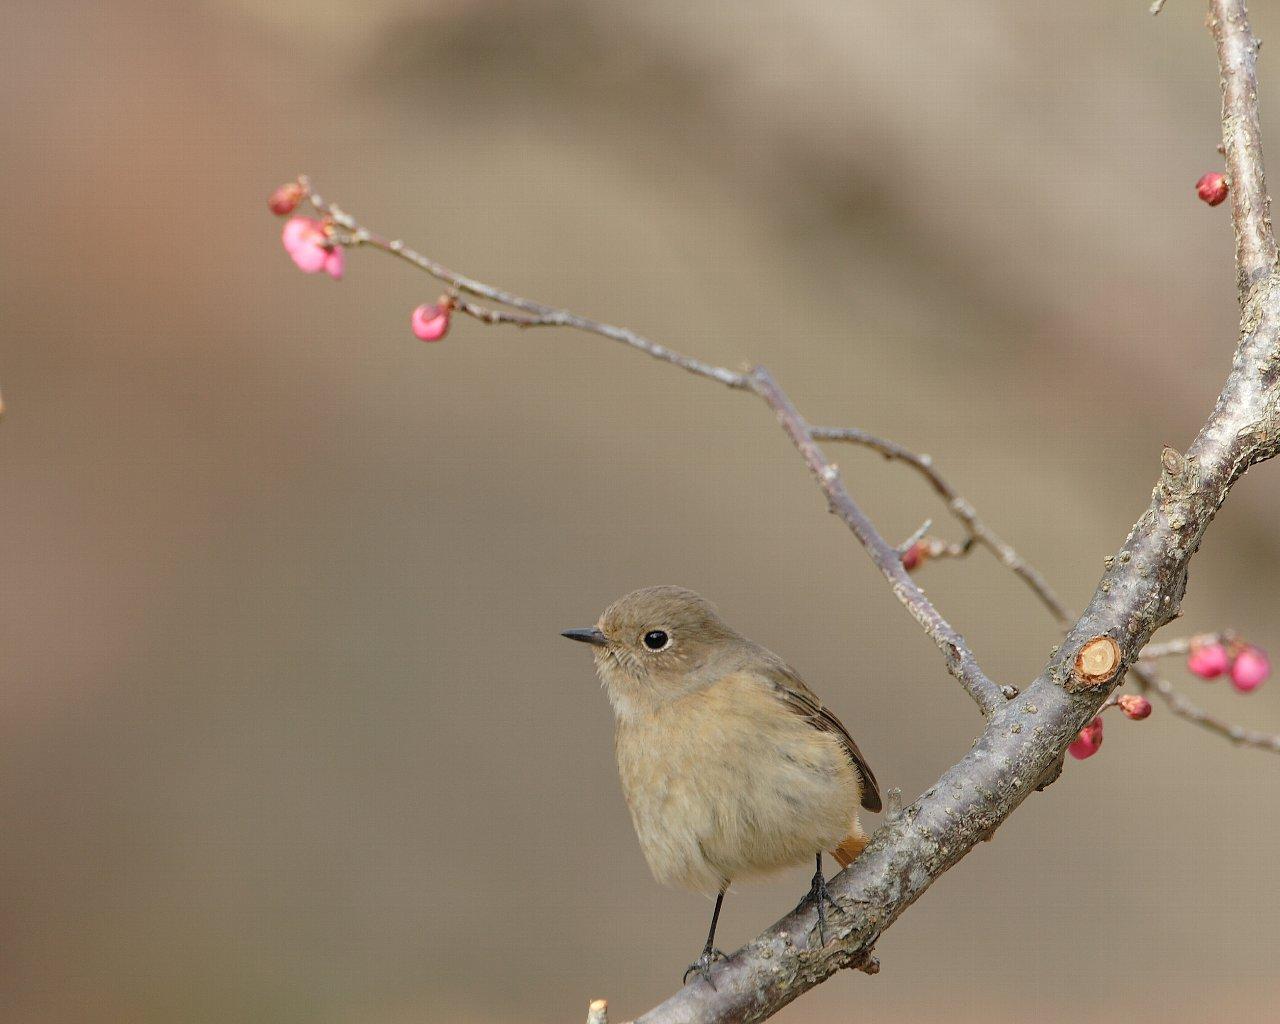 お嬢と紅梅(早春の可愛い野鳥の壁紙)_f0105570_2235522.jpg